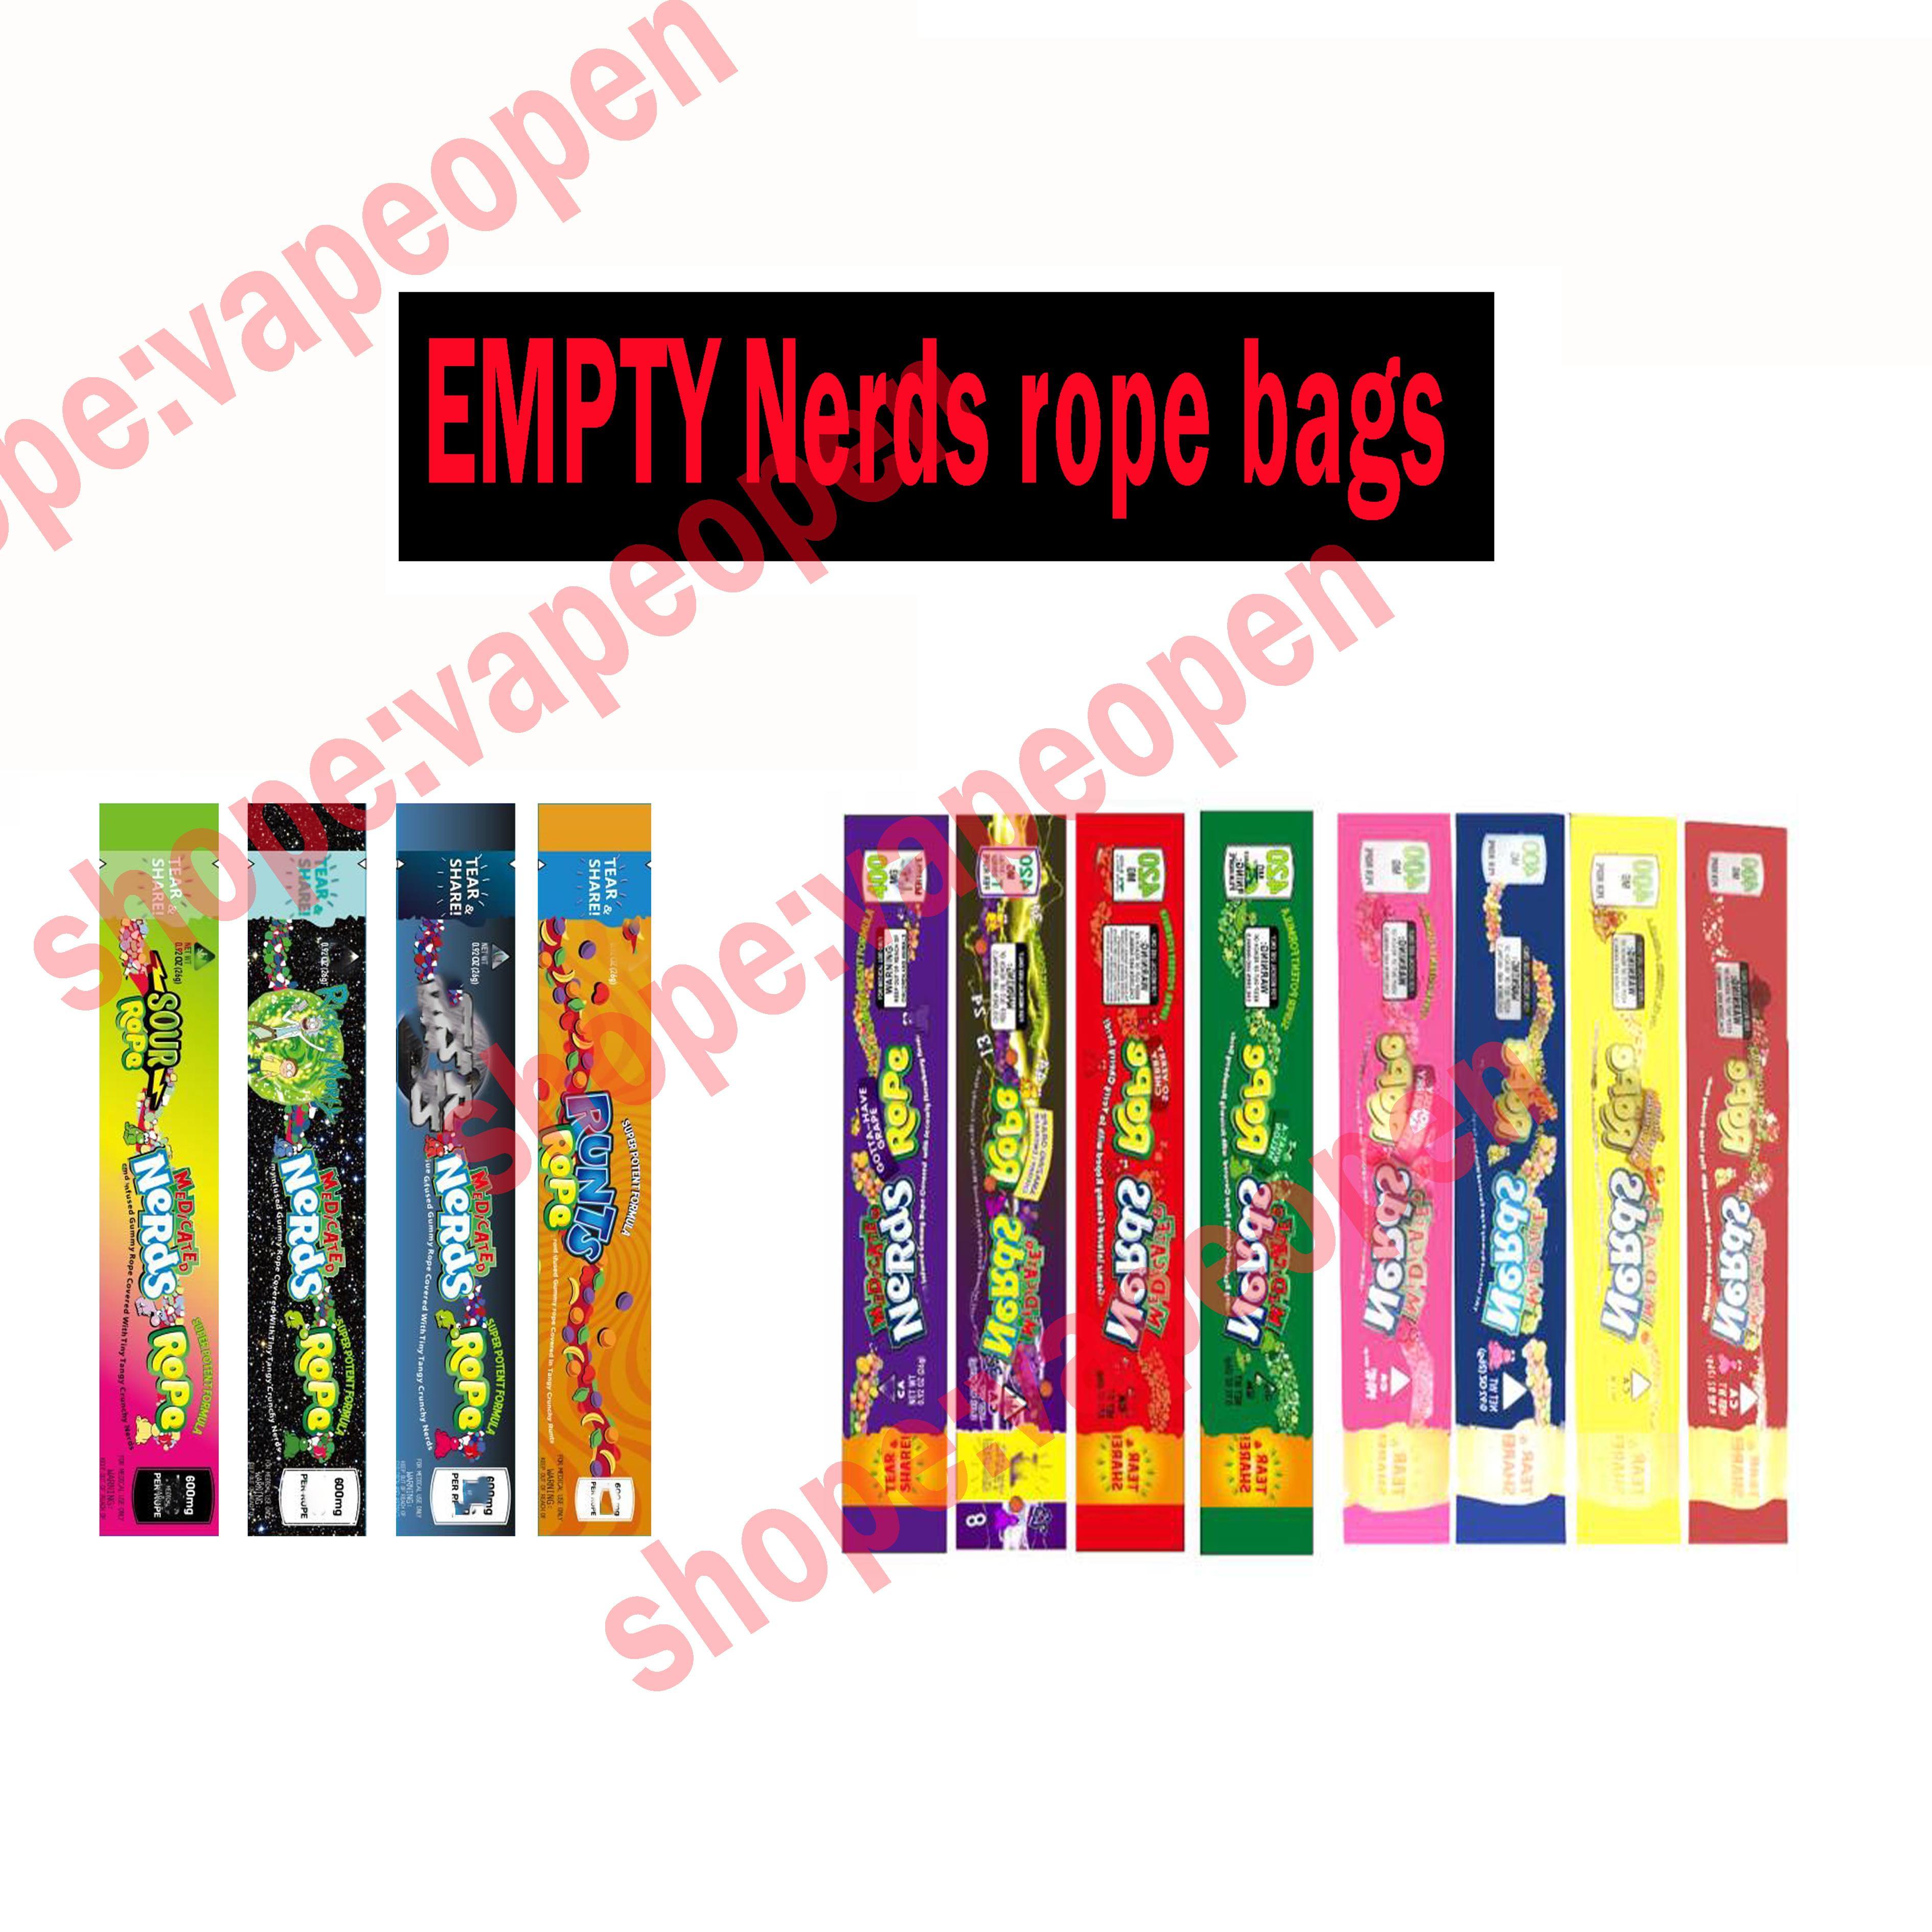 Candy Nerdsrope Gummy borse borsa da bordo di tenuta tre tipi Mix NUOVI MEDICATO Nerds corda vuota di imballaggio bas Nerds corda foglio di Imballaggio per gli alimentari